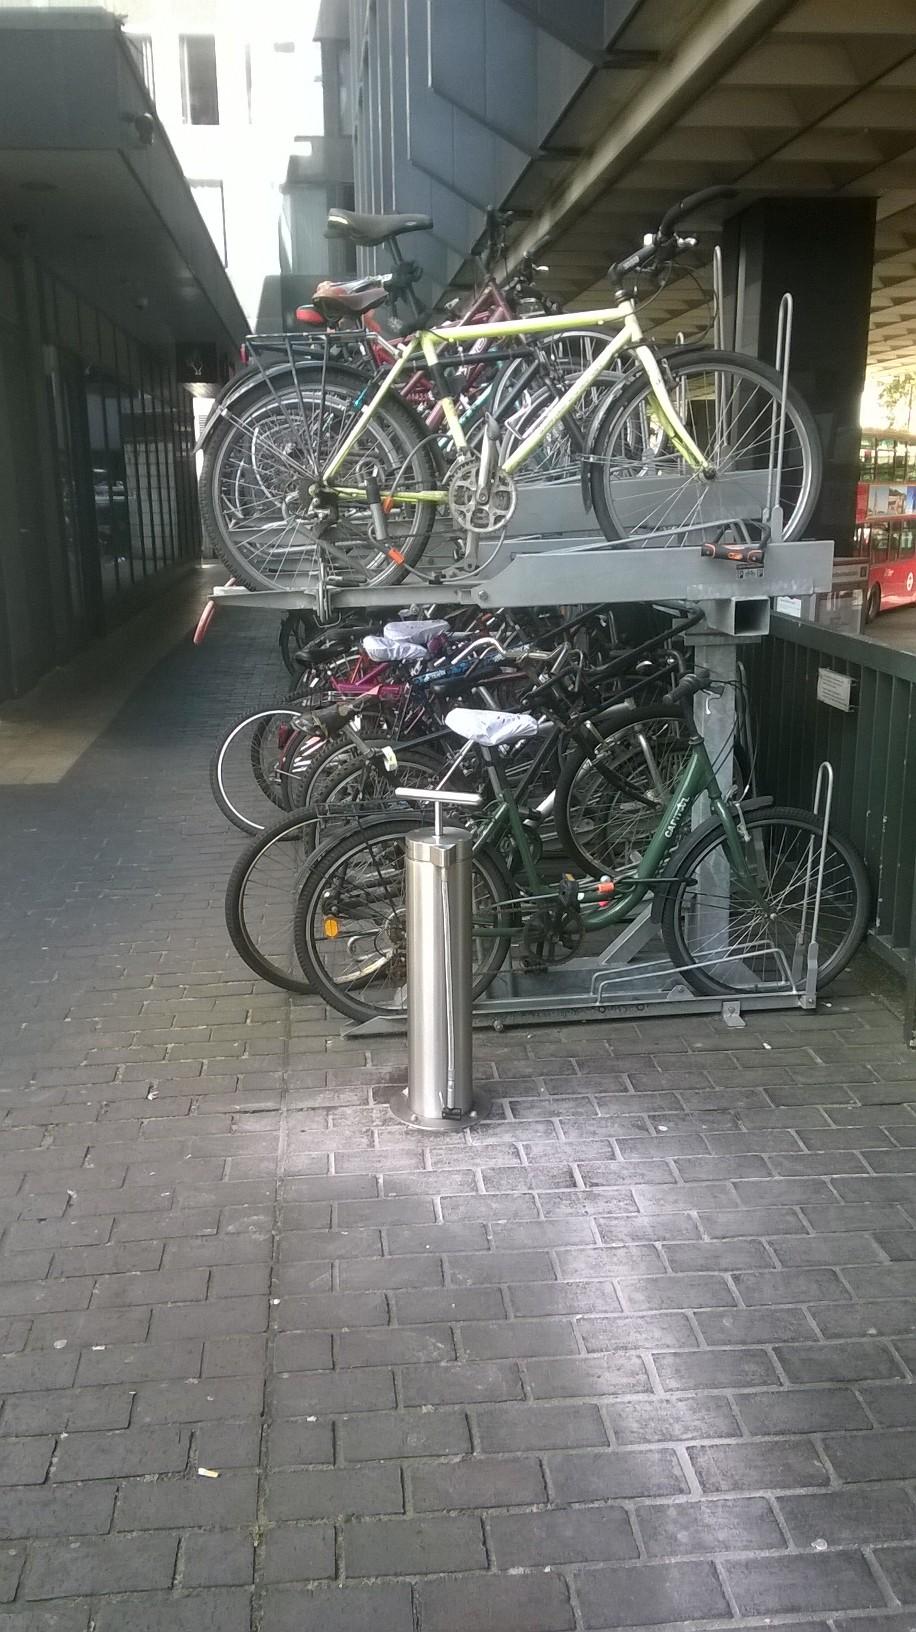 cyclehoop, cycle parking